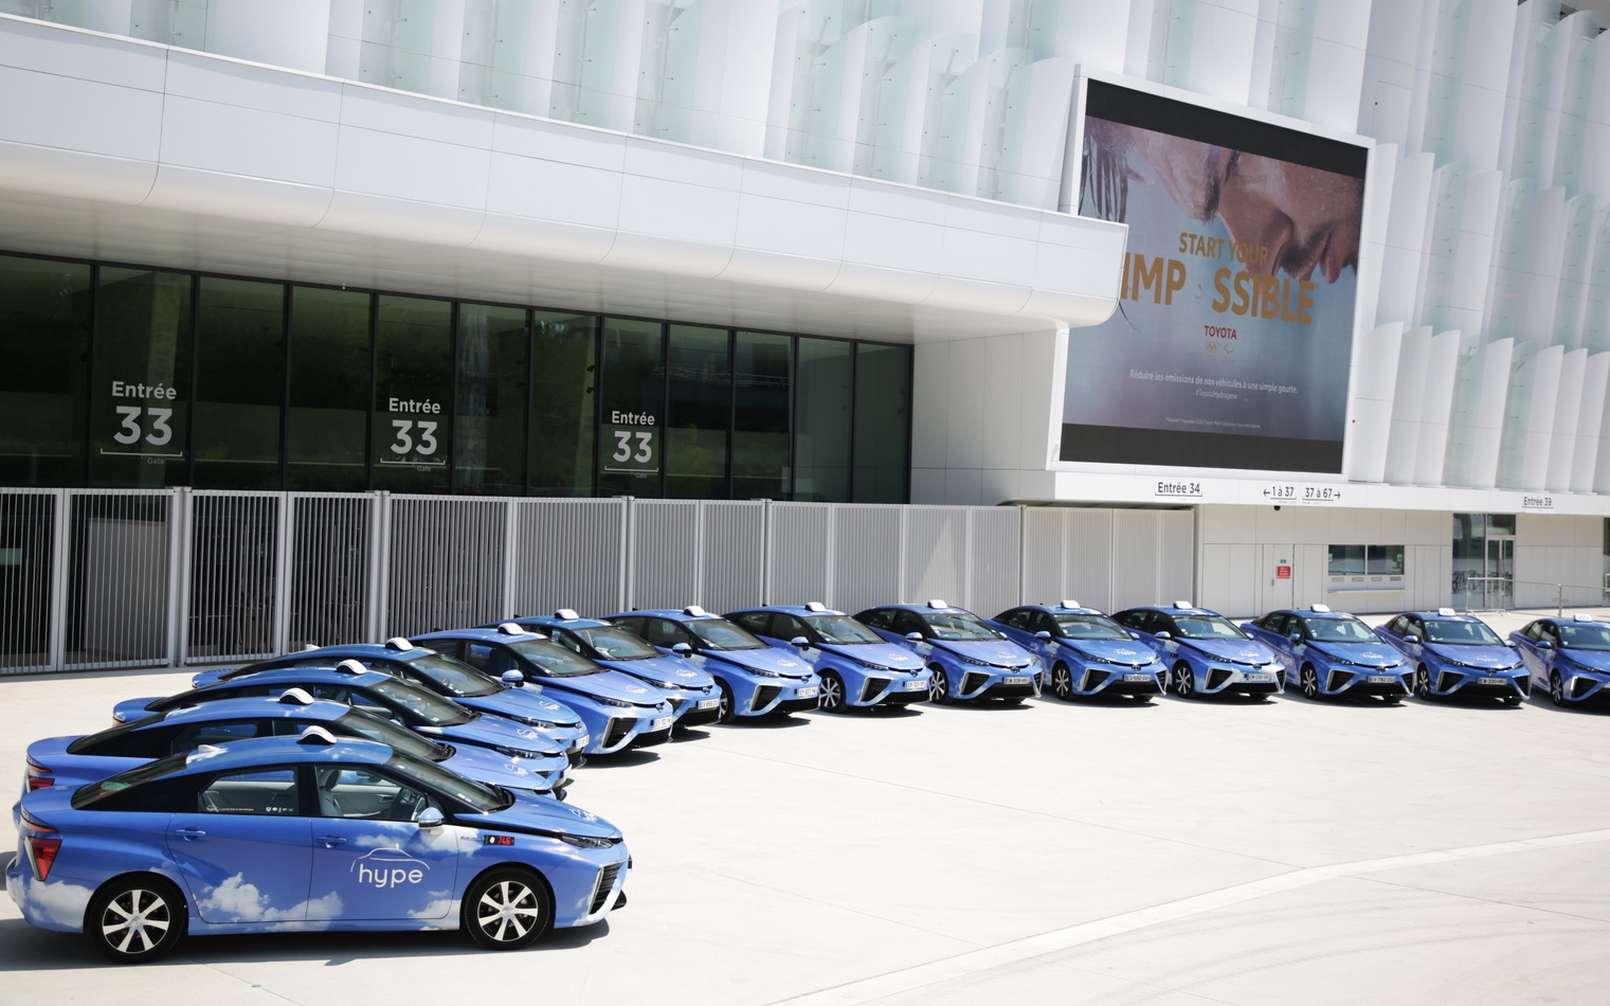 La flotte de taxis hydrogène de la compagne Hype. © Toyota